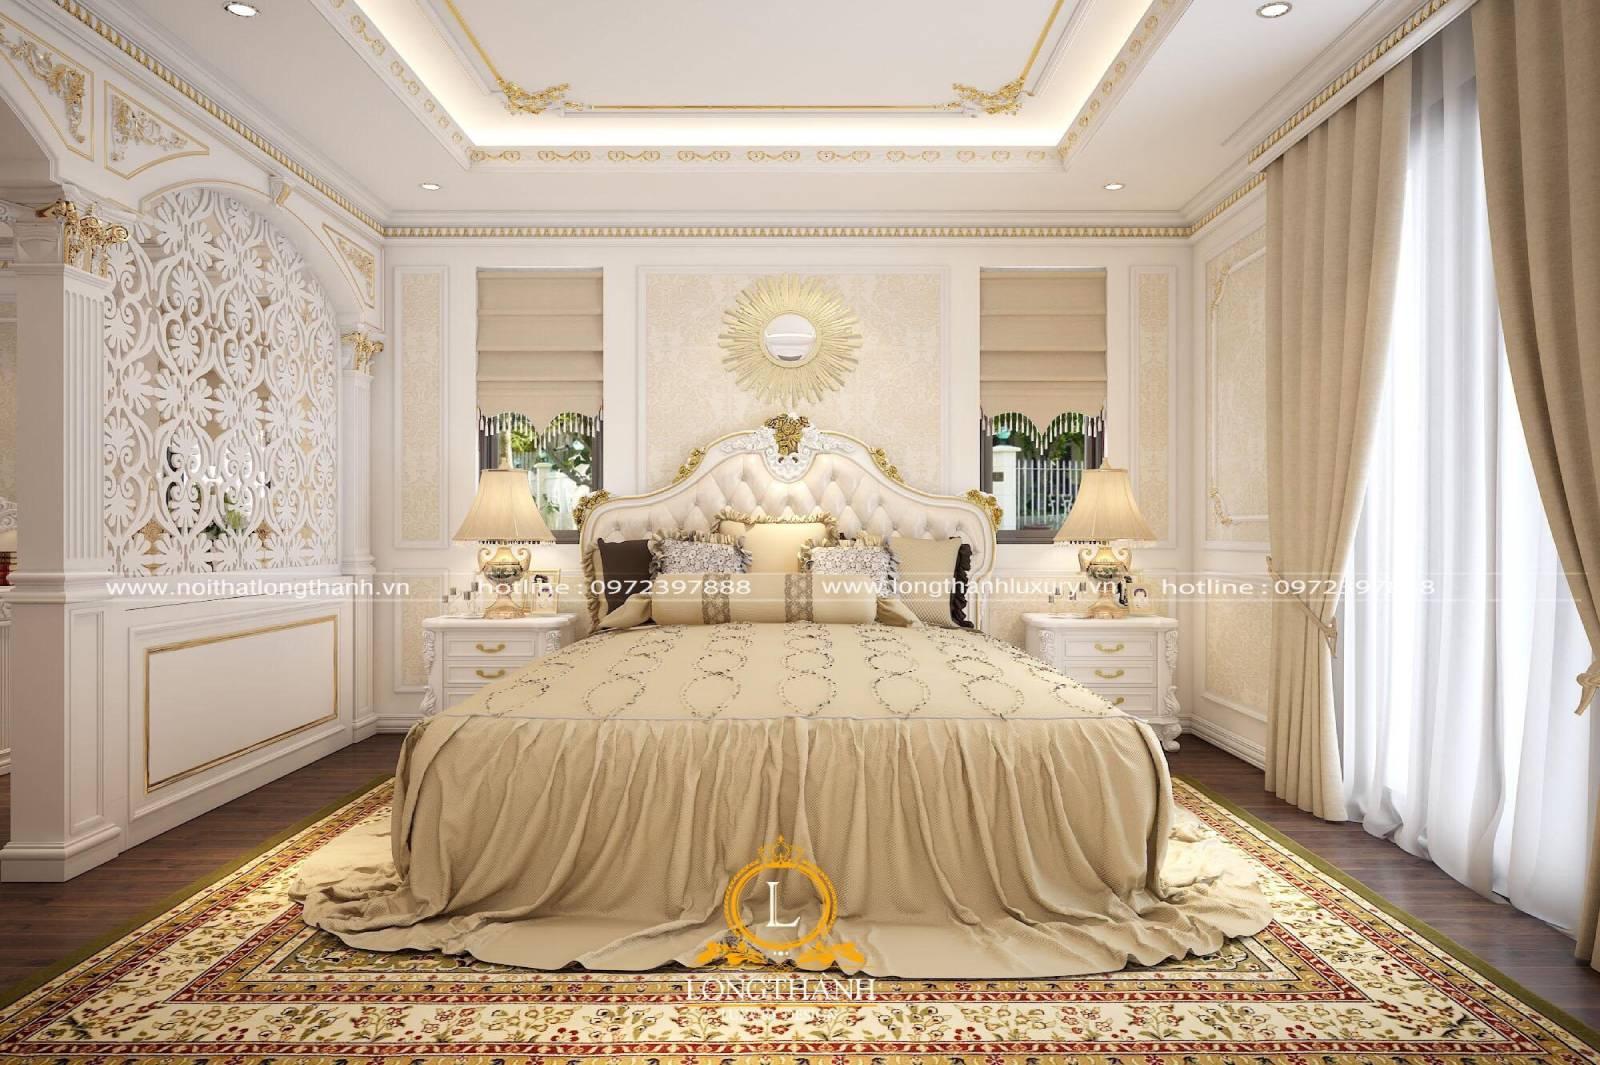 Giường ngủ sơn trắng đồng bộ với không gian phòng ngủ